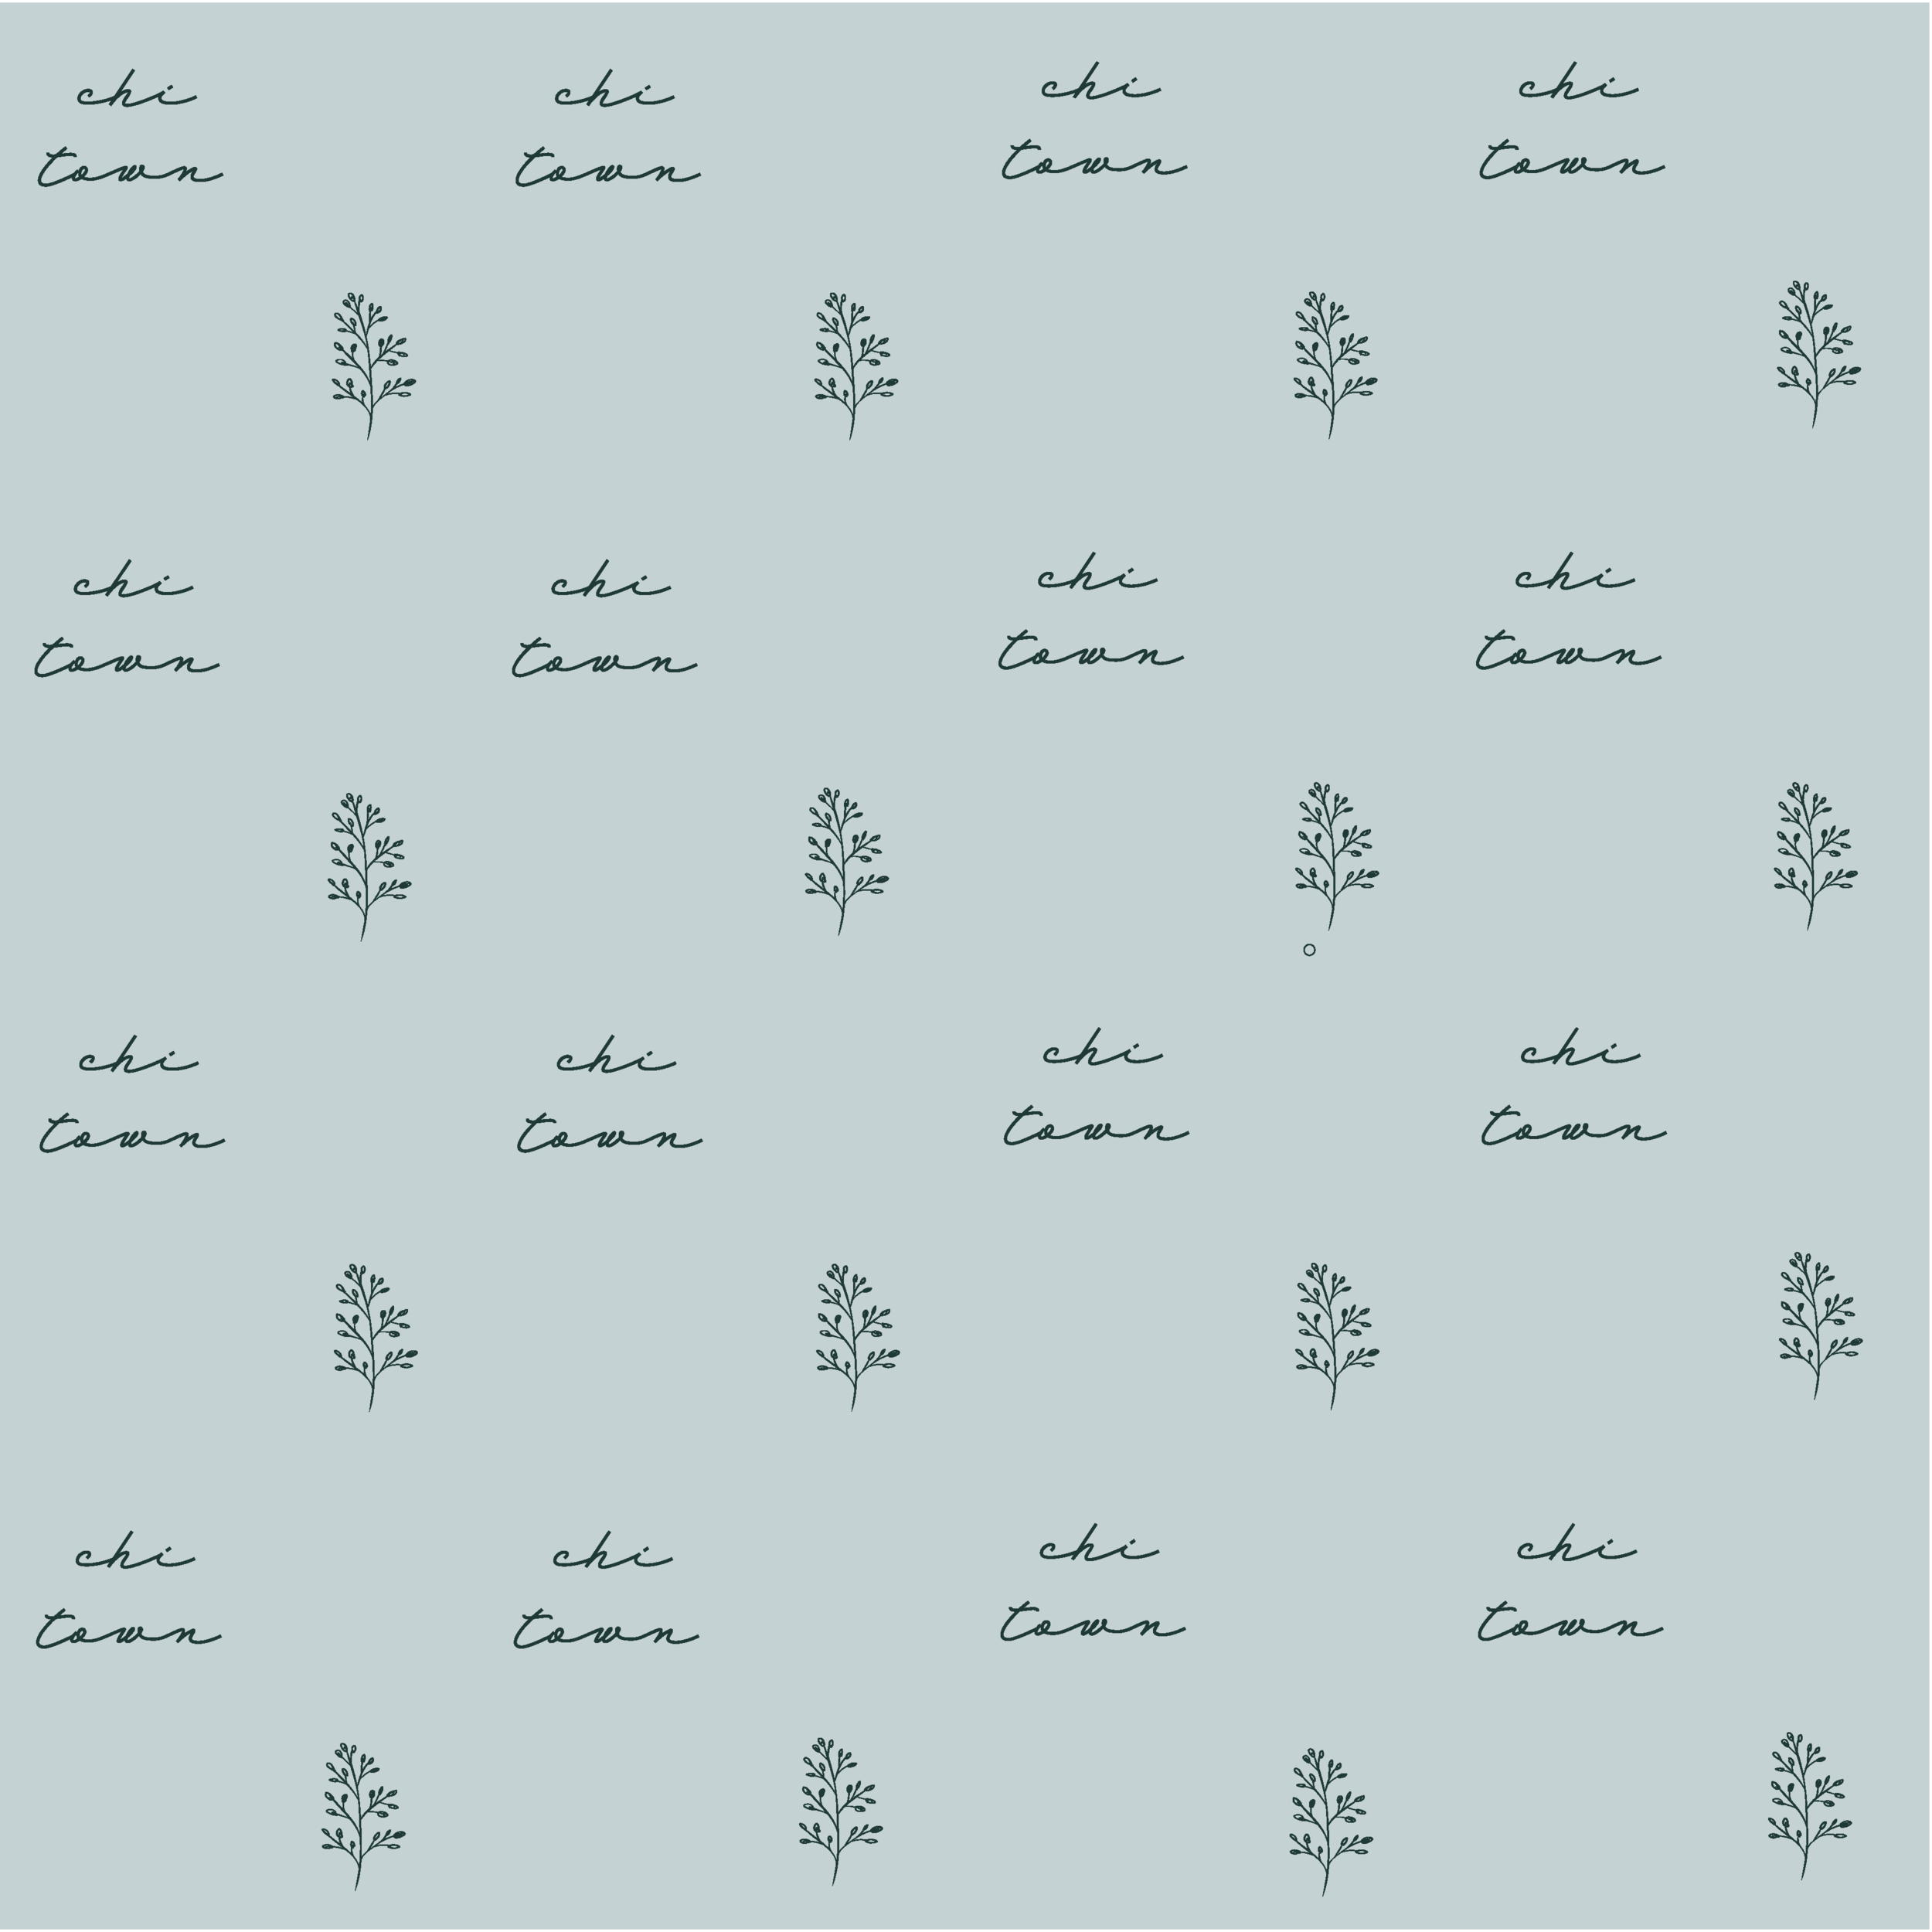 minxtissuepaper-01.png